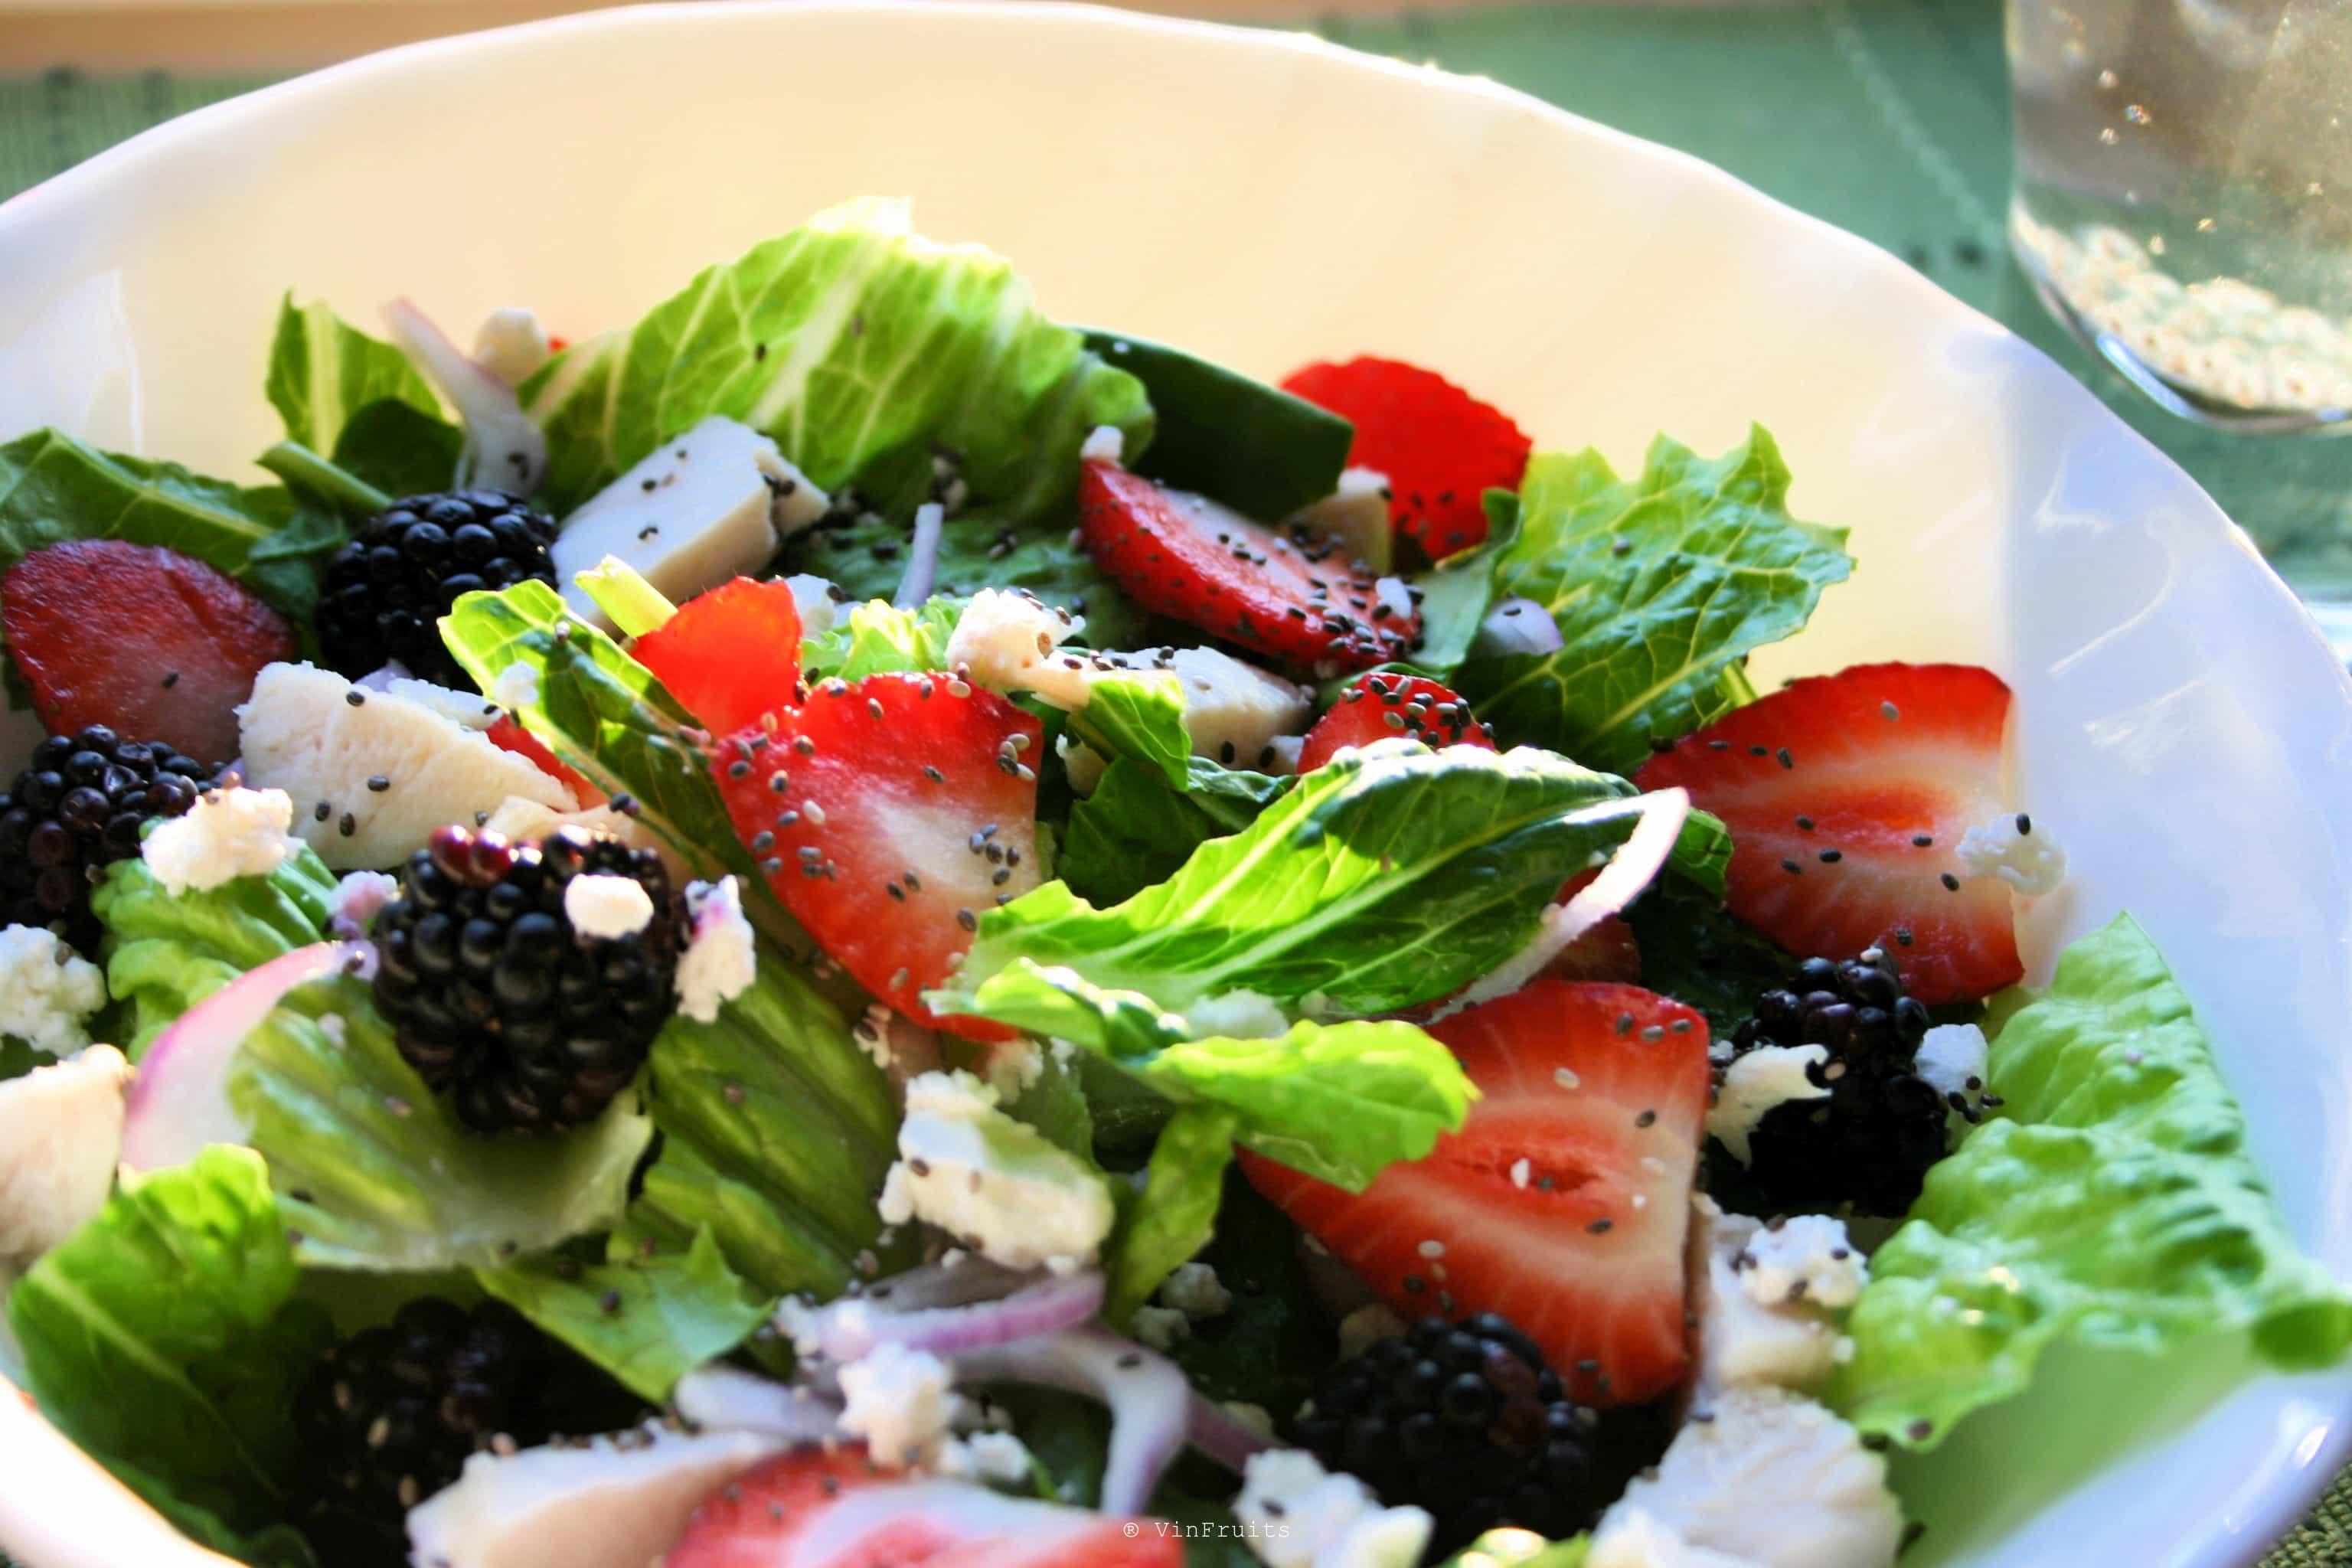 Món salad với hạt chia 1 - Vinfruits